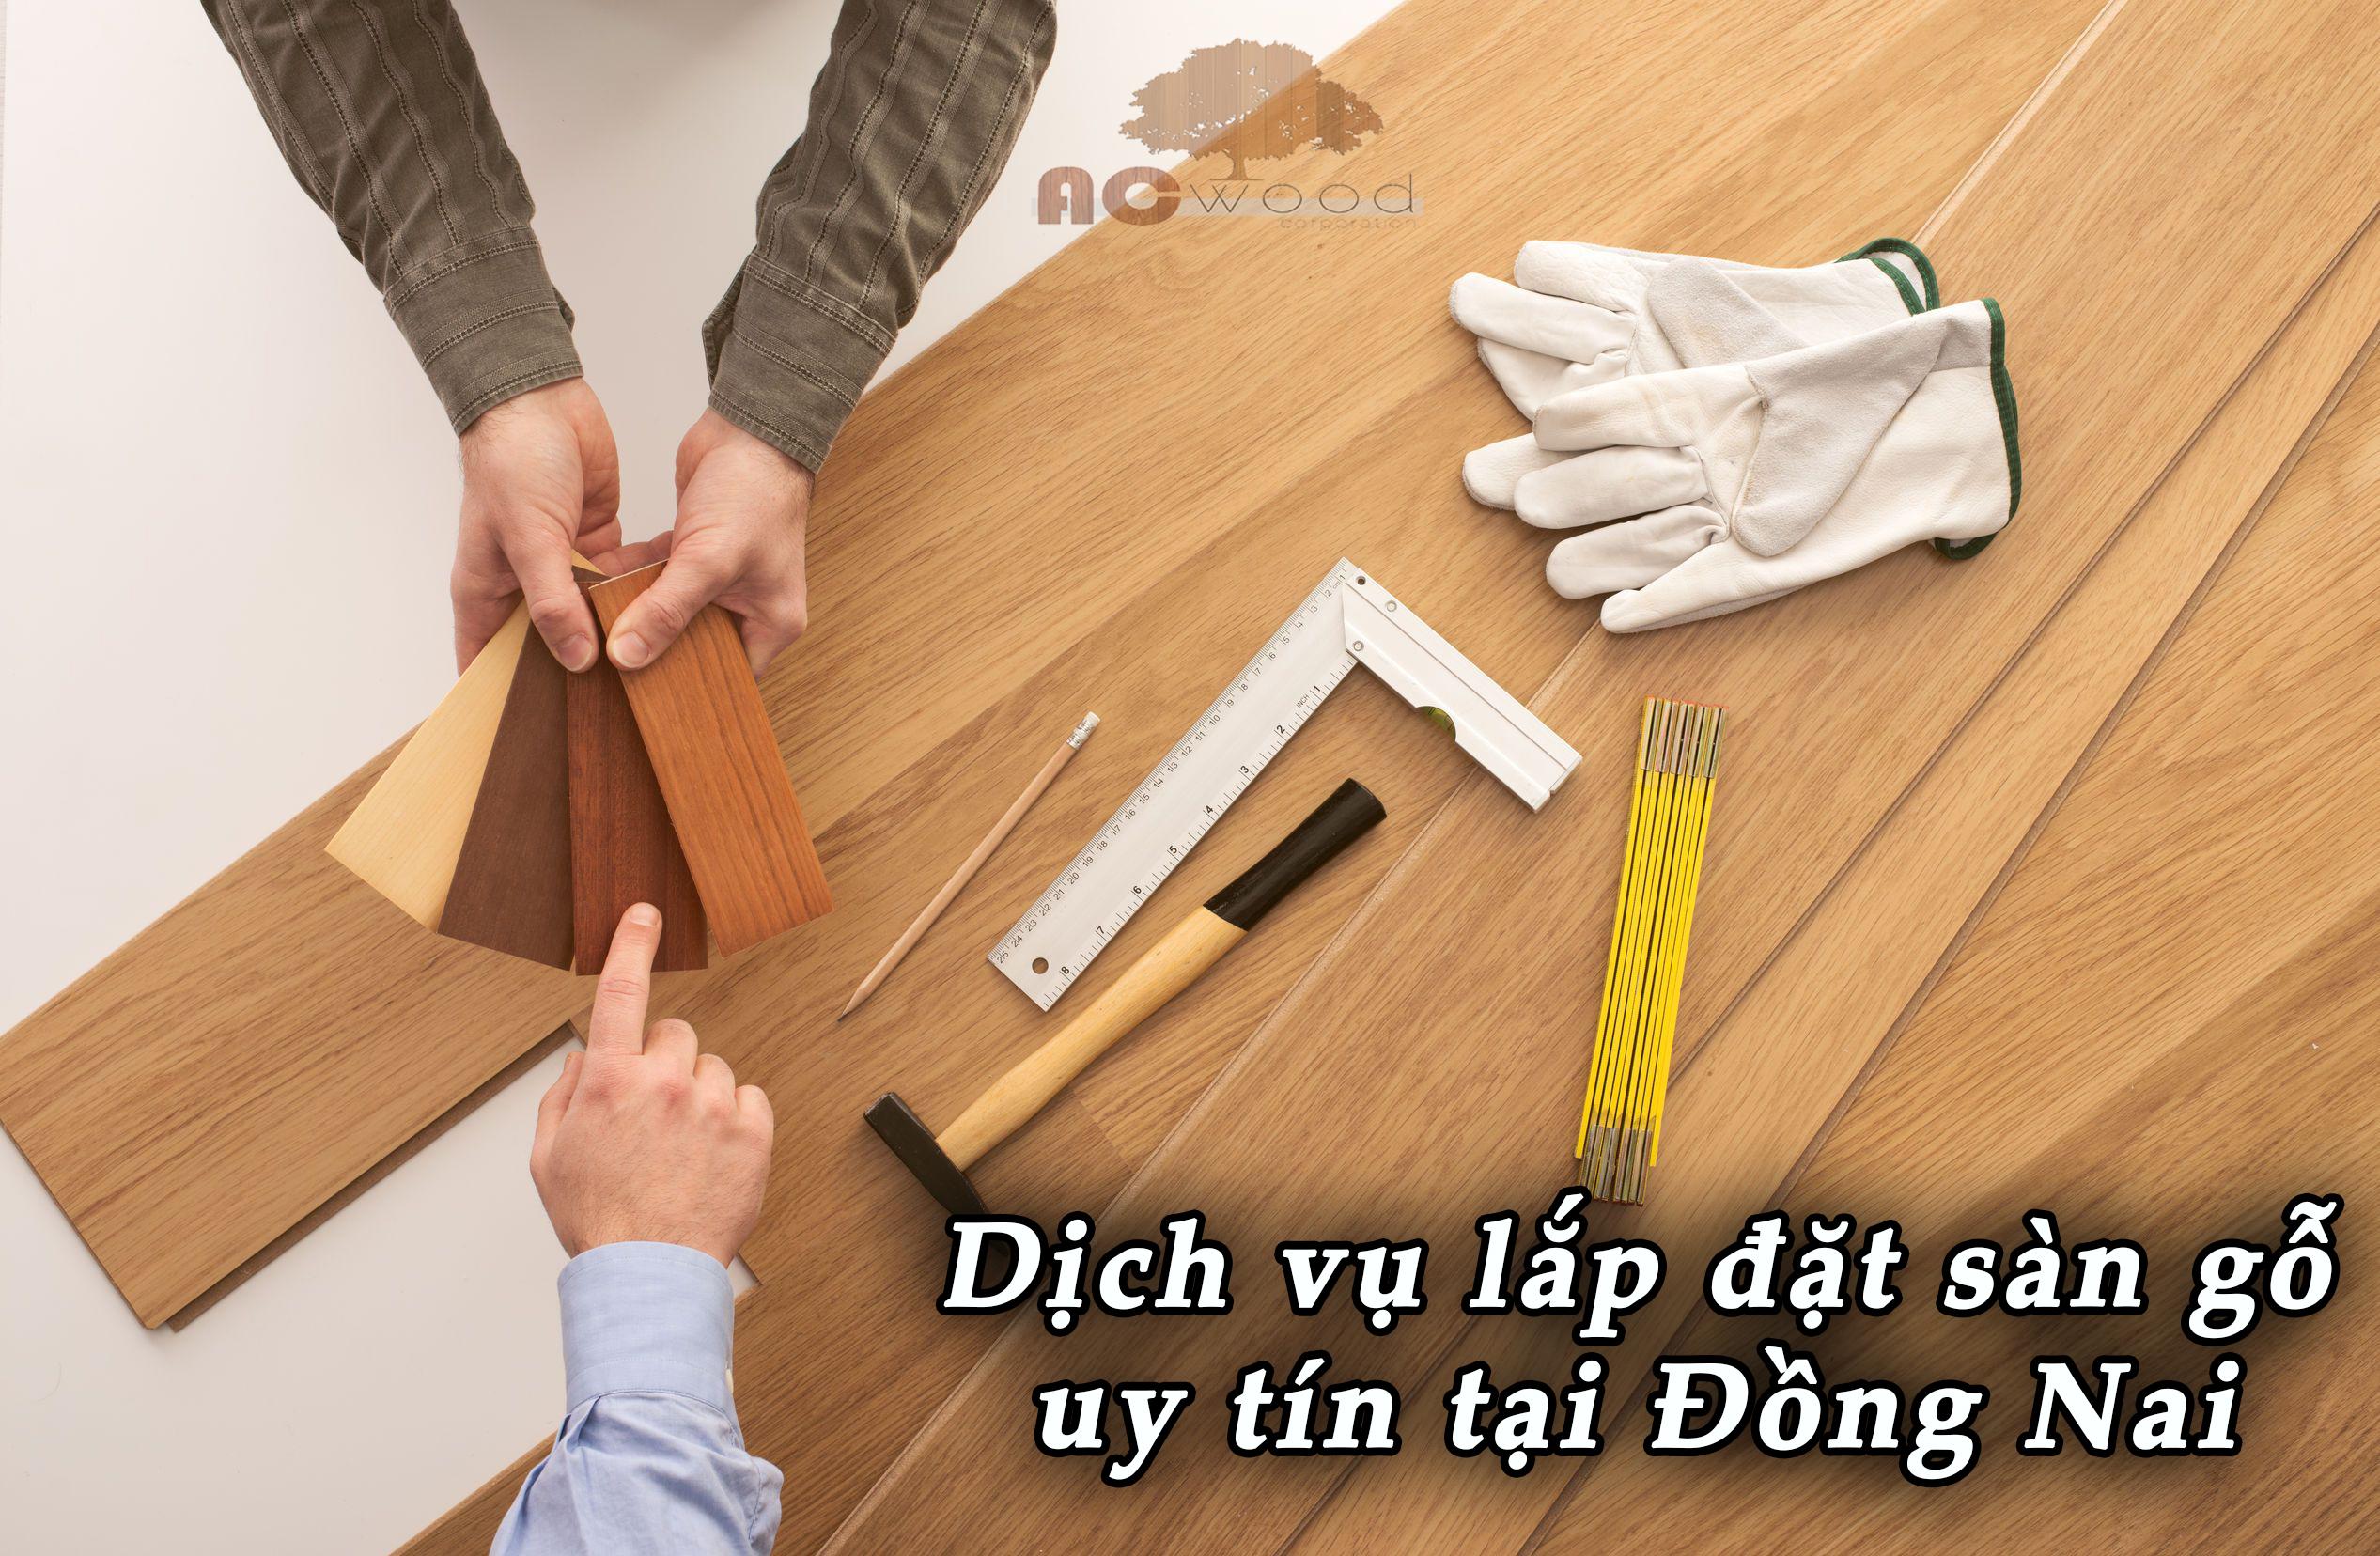 Hãy thuê dịch vụ lắp đặt sàn gỗ tại Đồng Nai của AC Wood giúp bạn không tốn nhiều công sức và thời gian